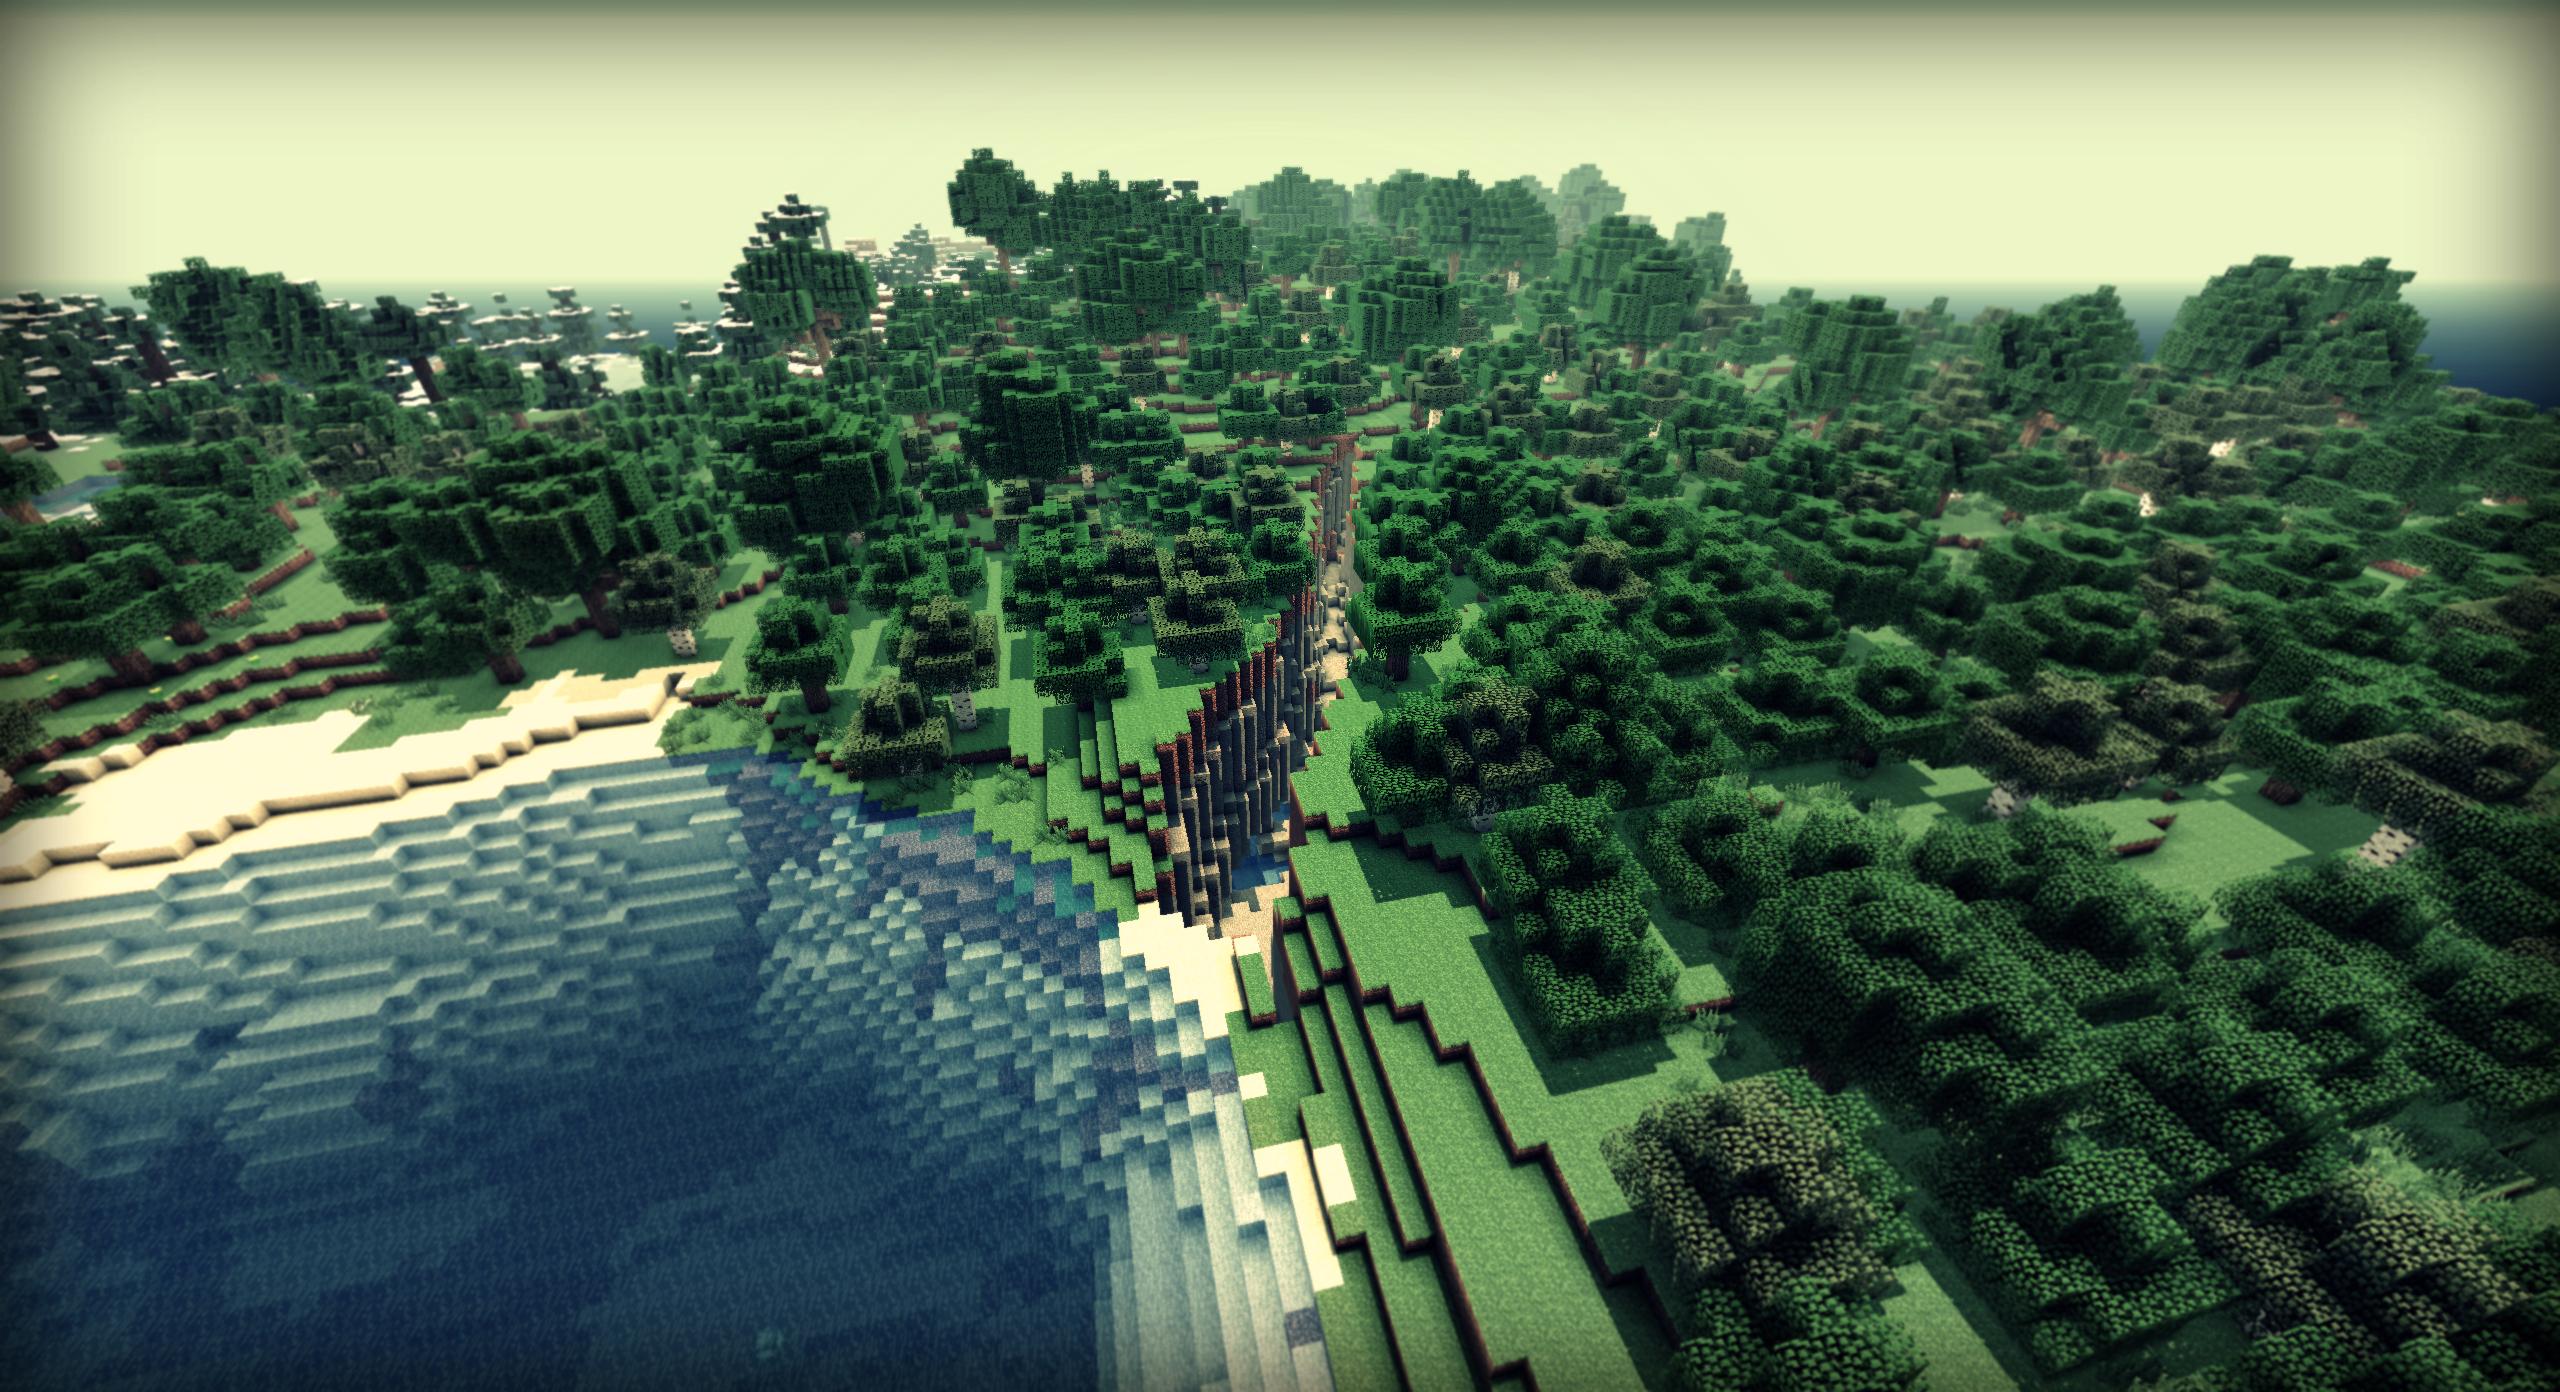 Fond d'écran Minecraft : Une Ouverture sur le Monde